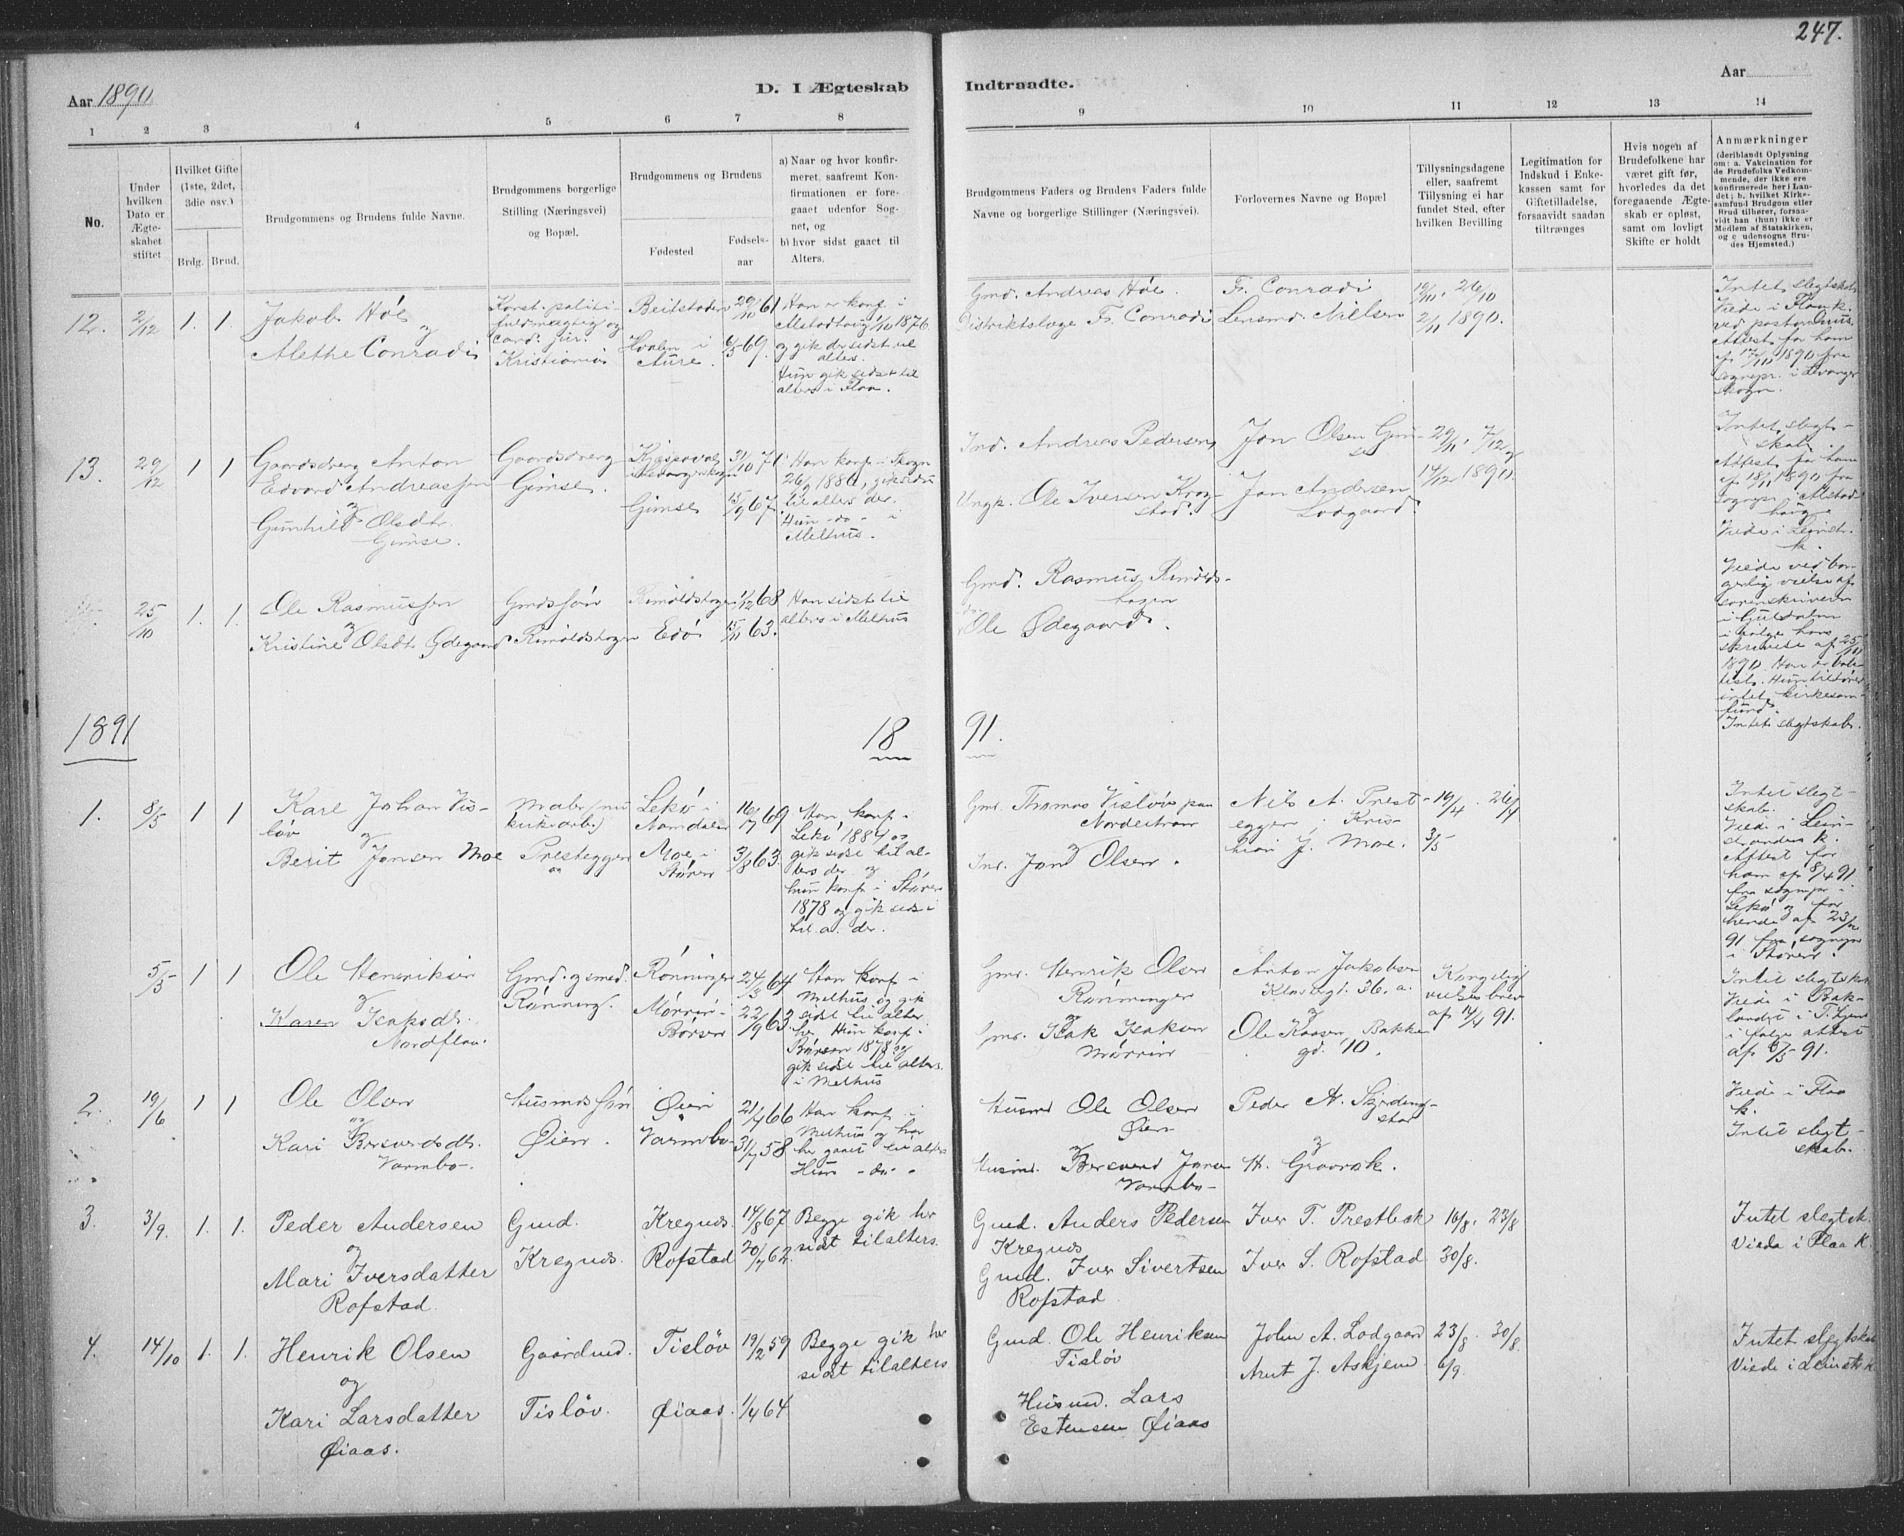 SAT, Ministerialprotokoller, klokkerbøker og fødselsregistre - Sør-Trøndelag, 691/L1085: Ministerialbok nr. 691A17, 1887-1908, s. 247